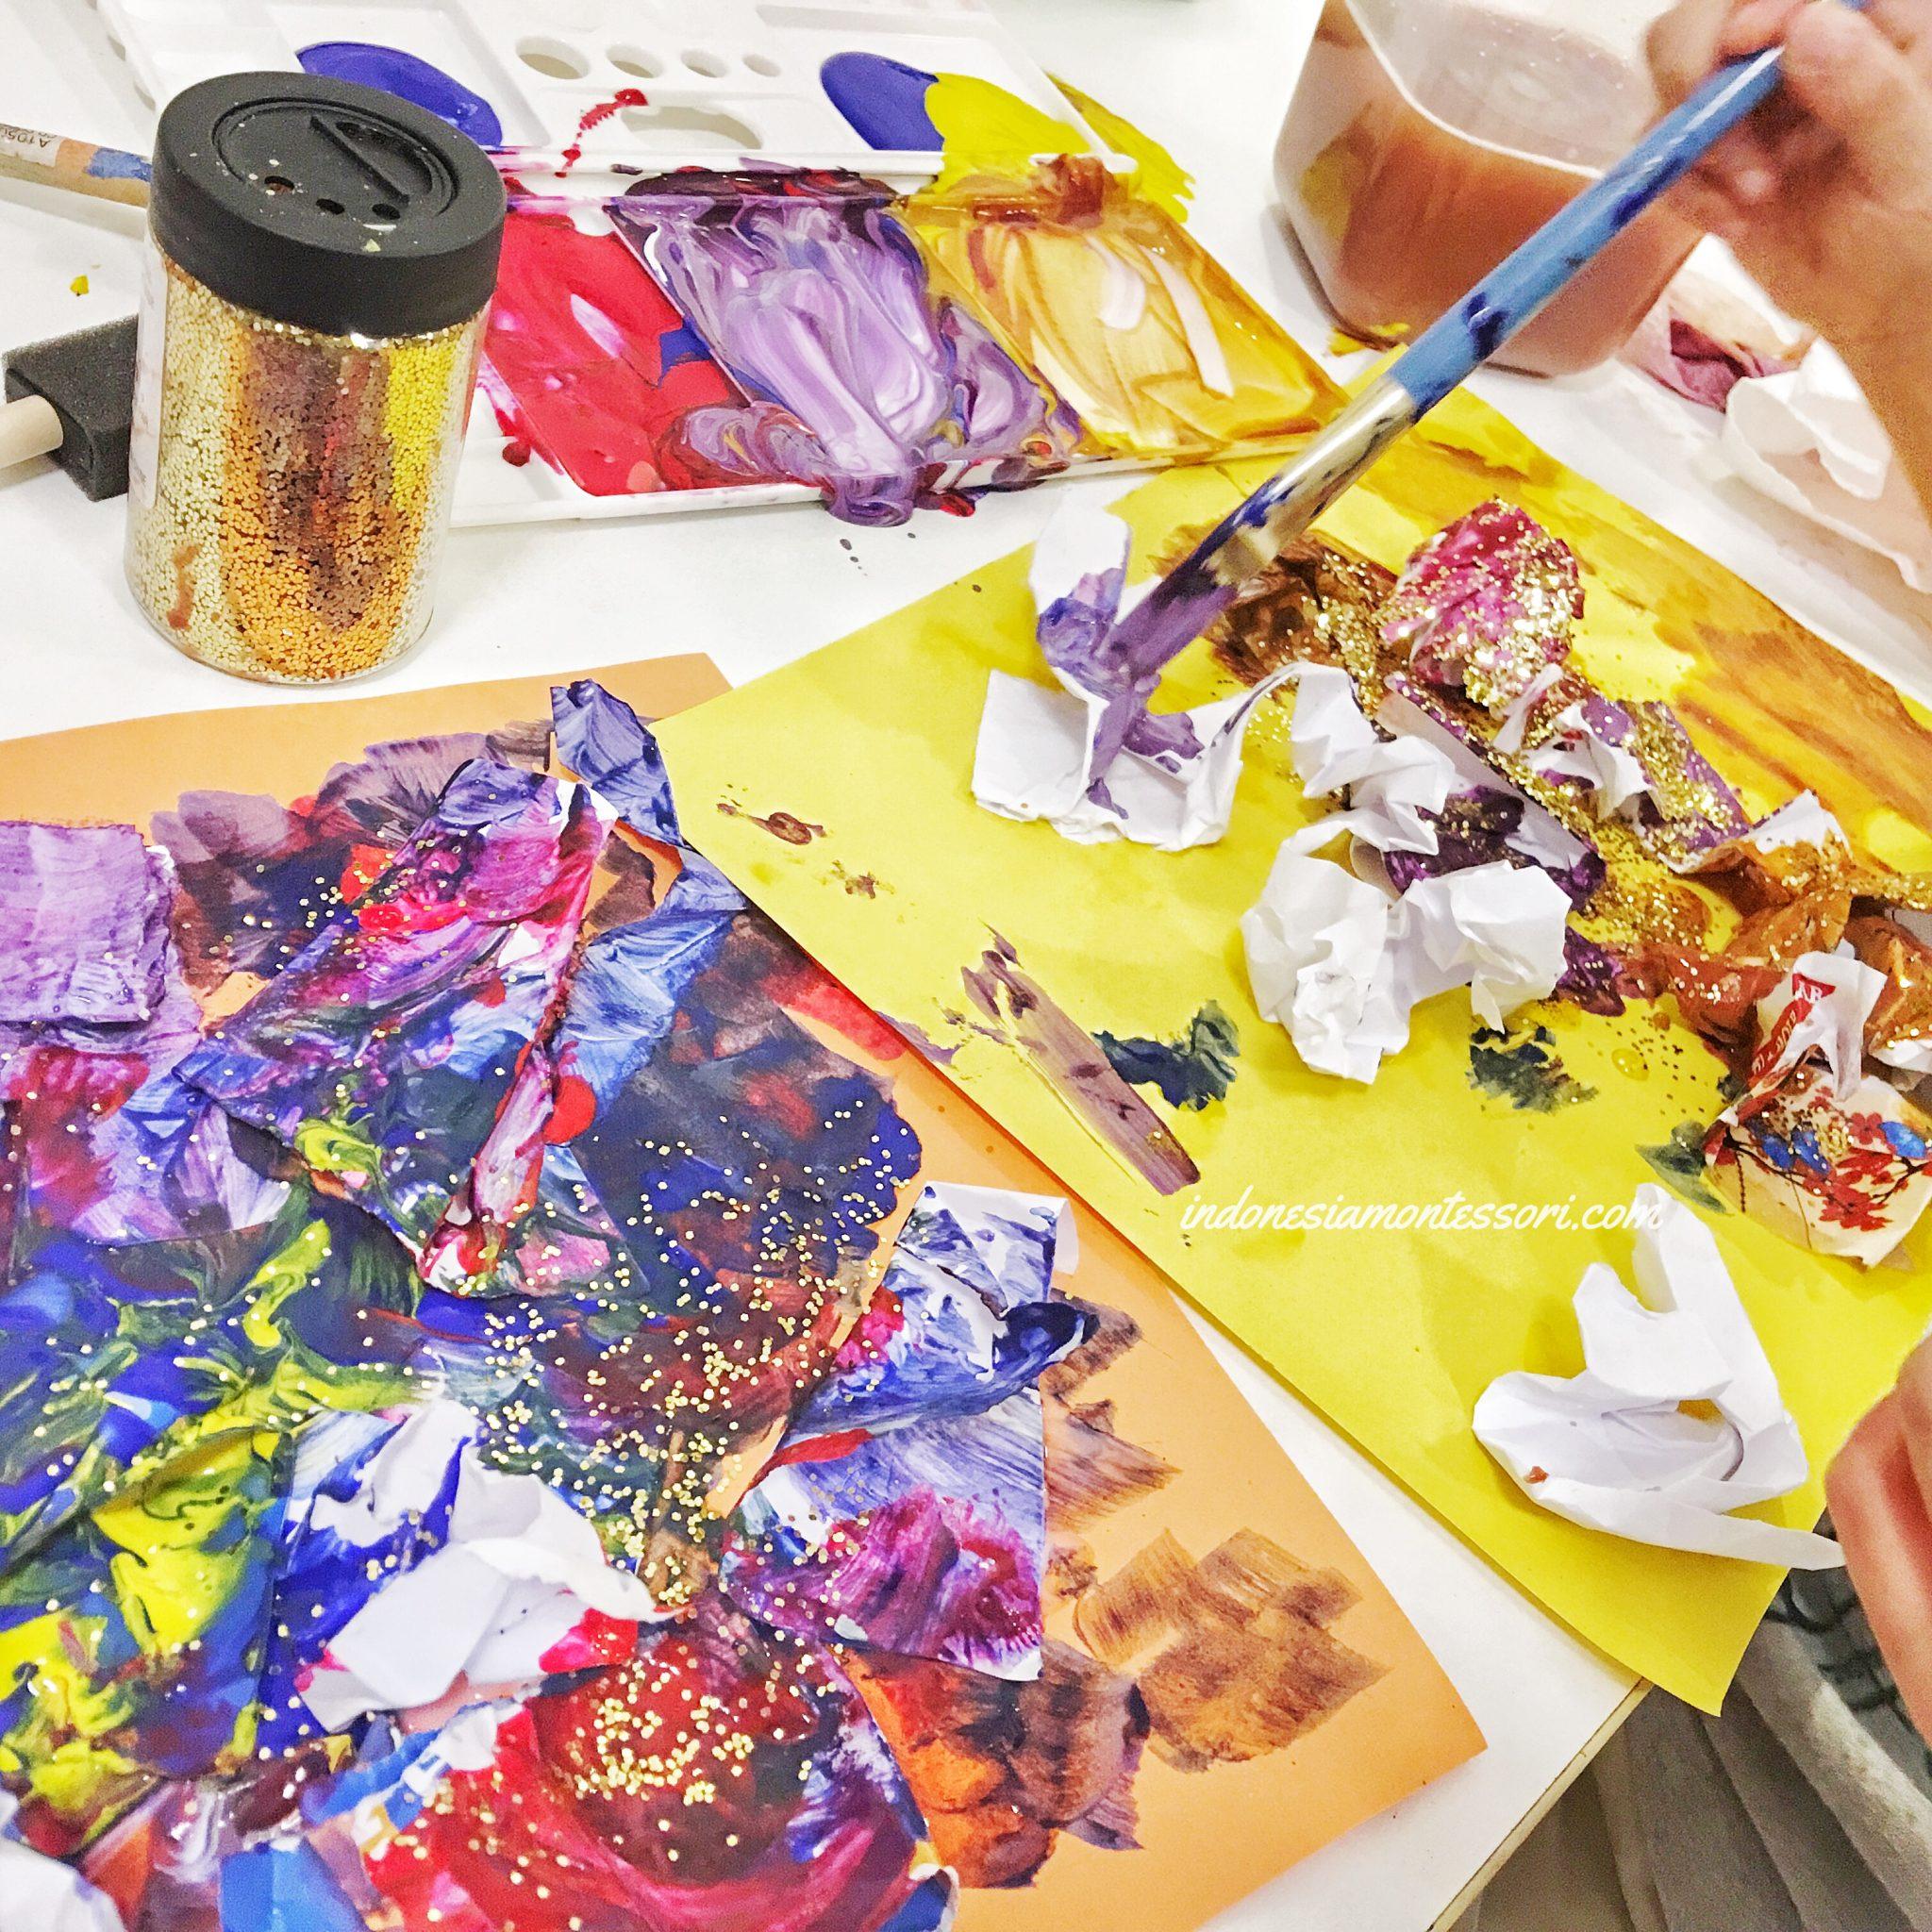 manfaat kegiatan seni dengan anak tk